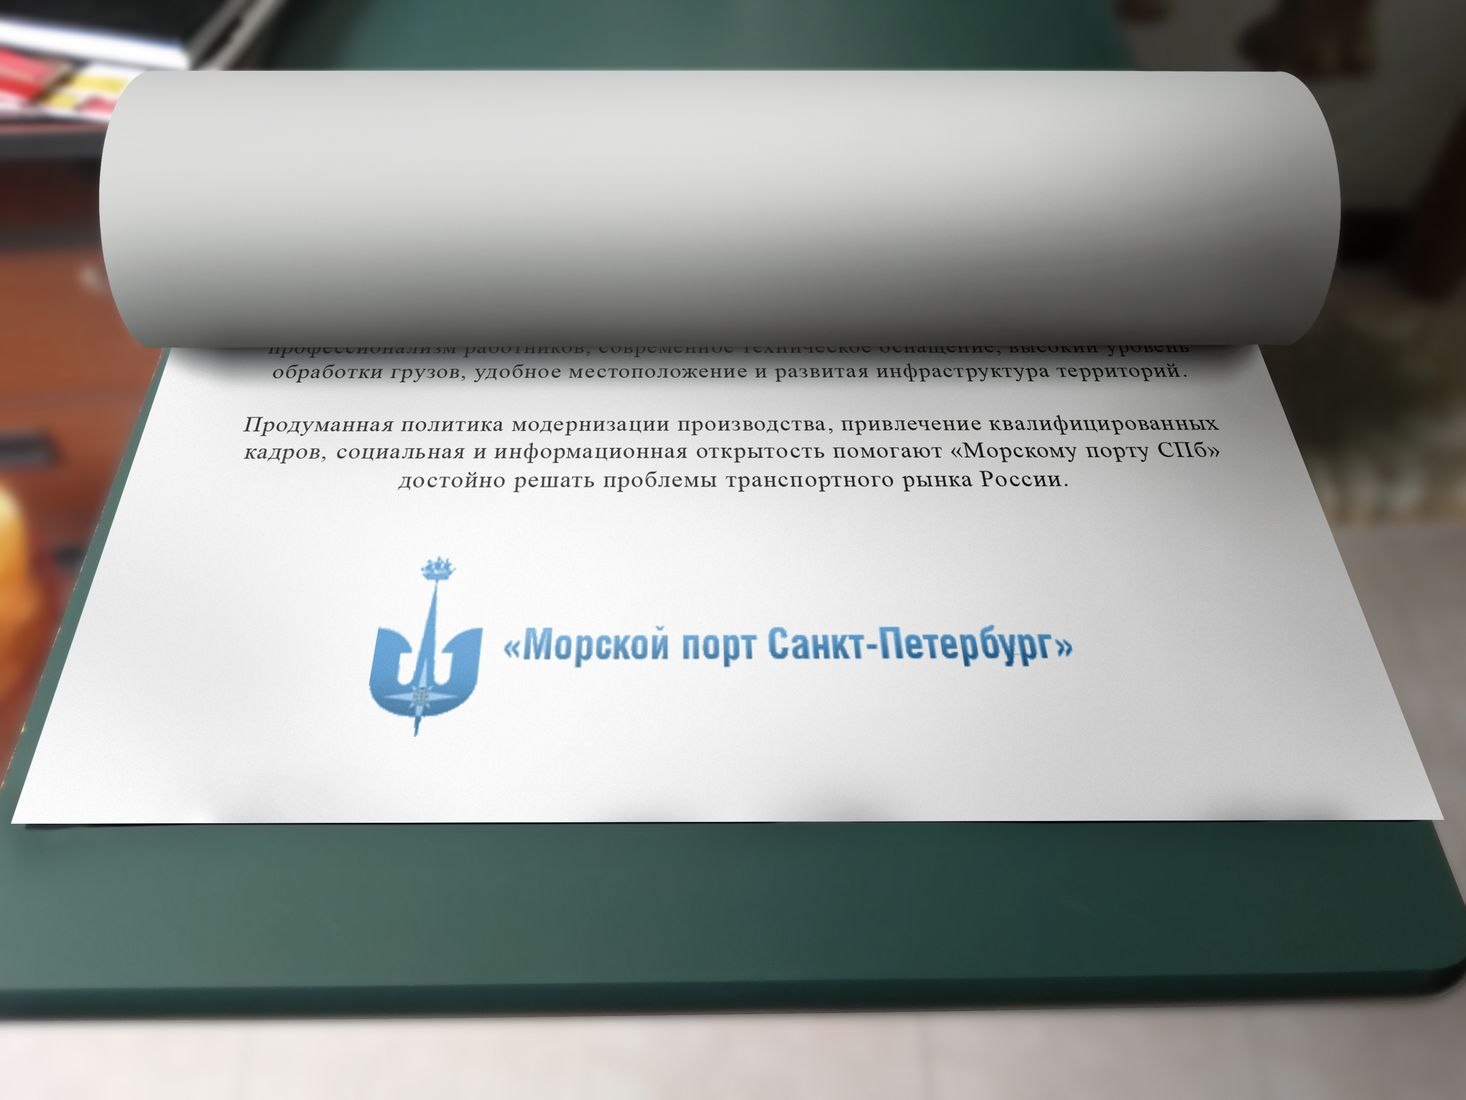 Участие в тендере на разработку официального сайта ОАО Морской порт Санкт-Петербург